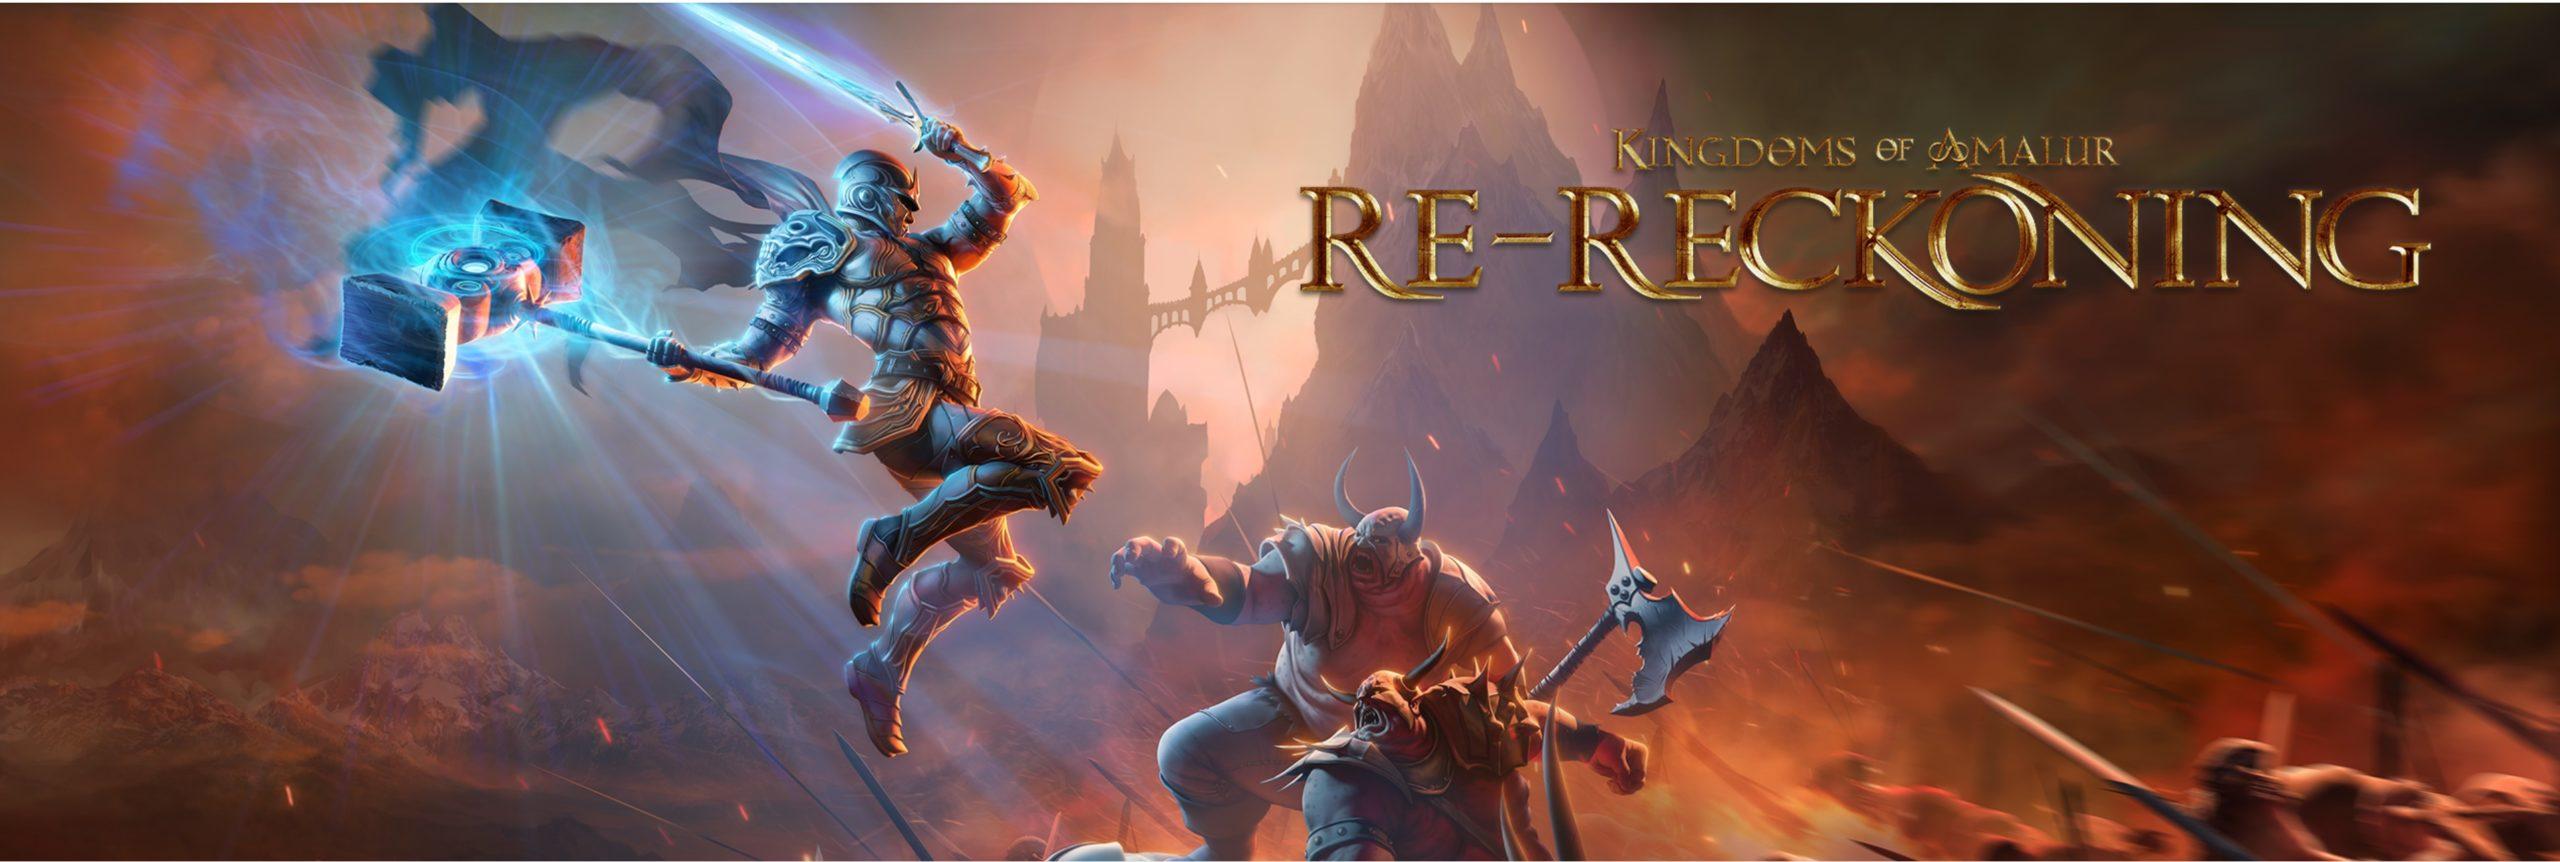 Kingdoms of Amalur: Re-Reckoning - banner